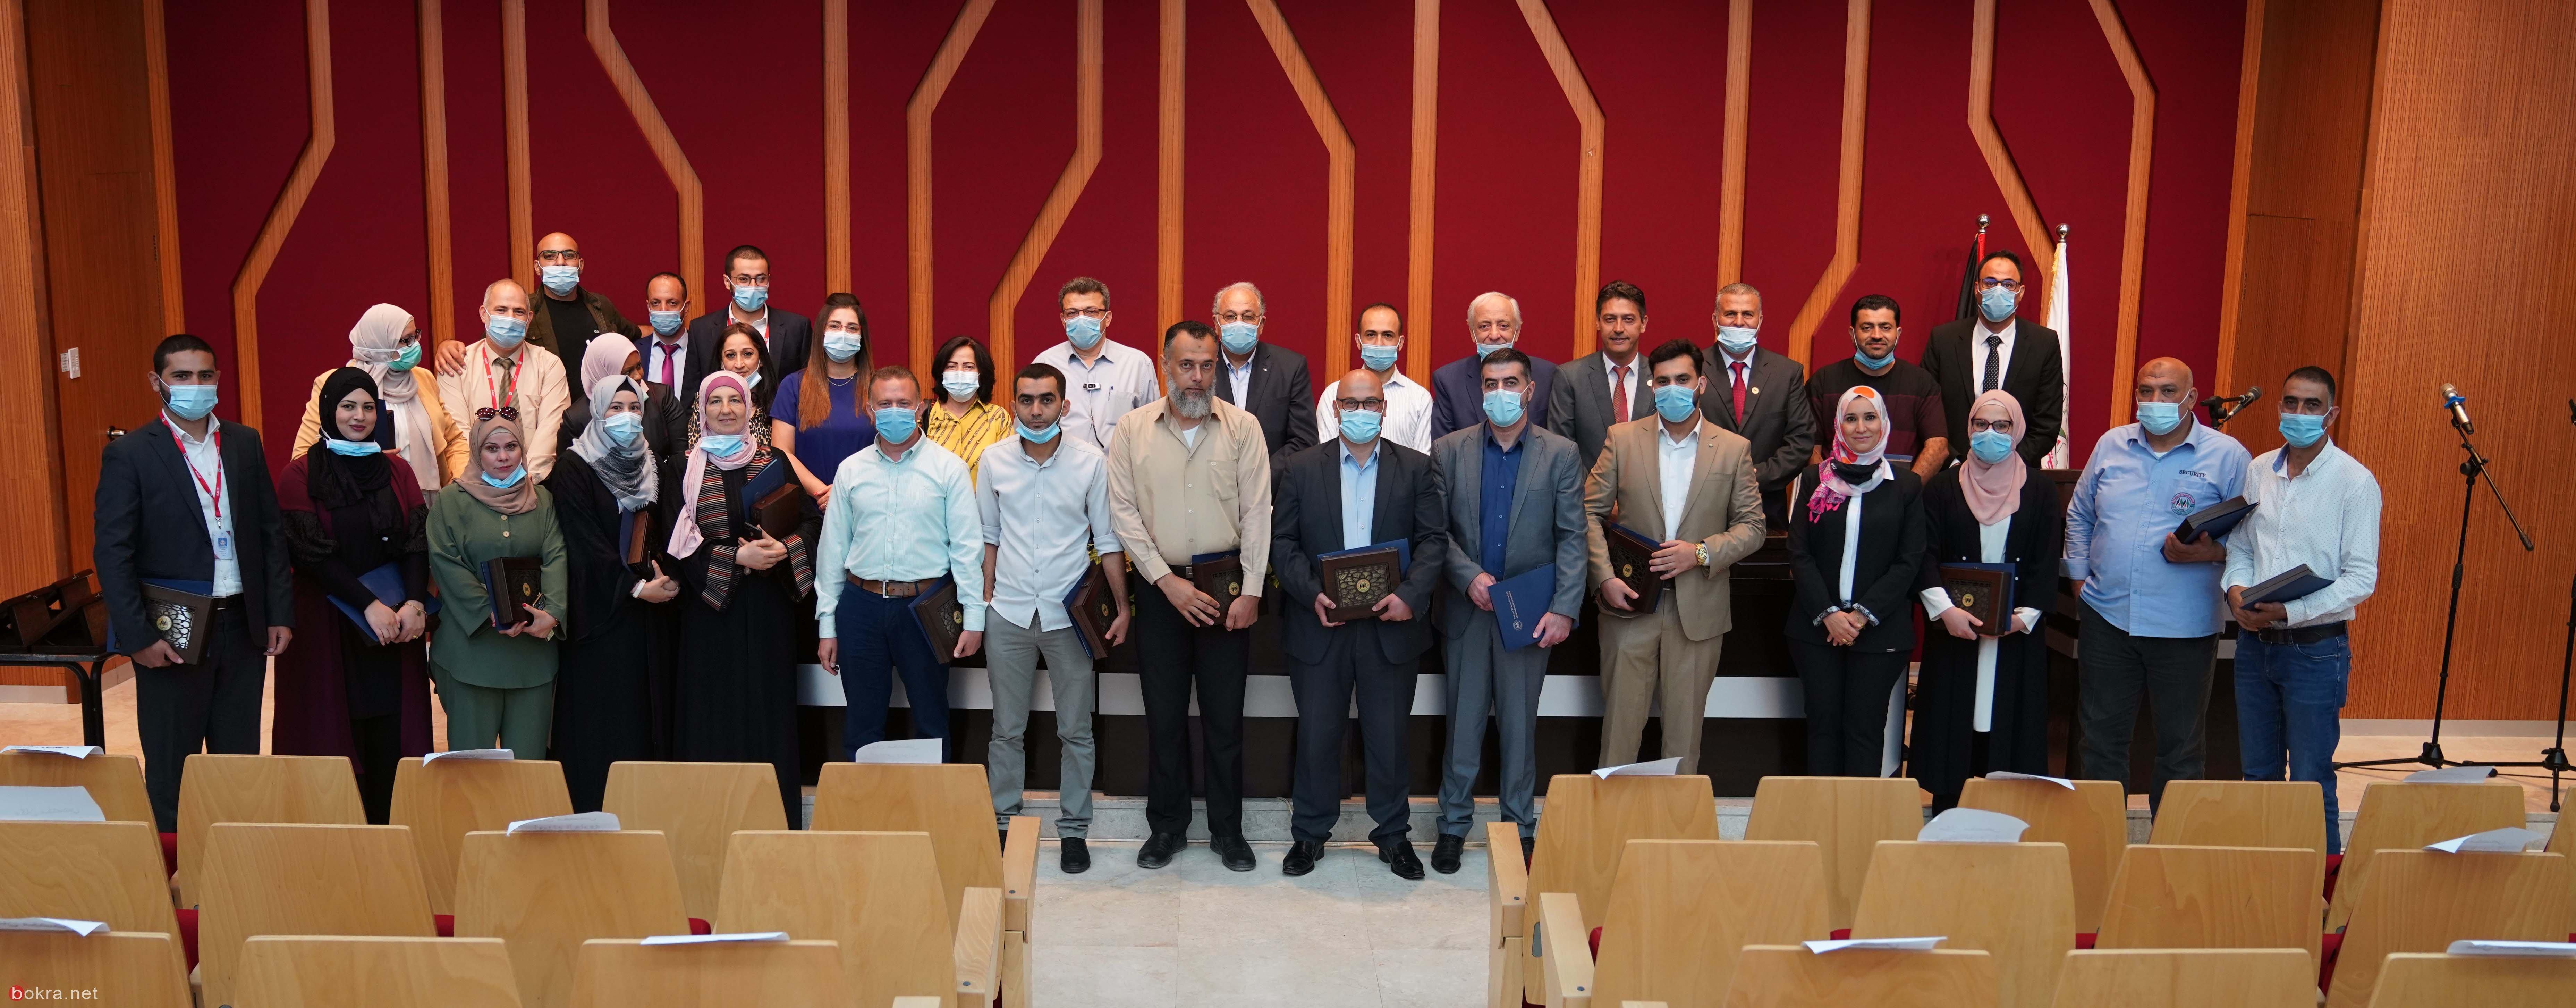 الجامعة العربية الأمريكية تكرم المتميزين من الباحثين والأكاديميين والإداريين